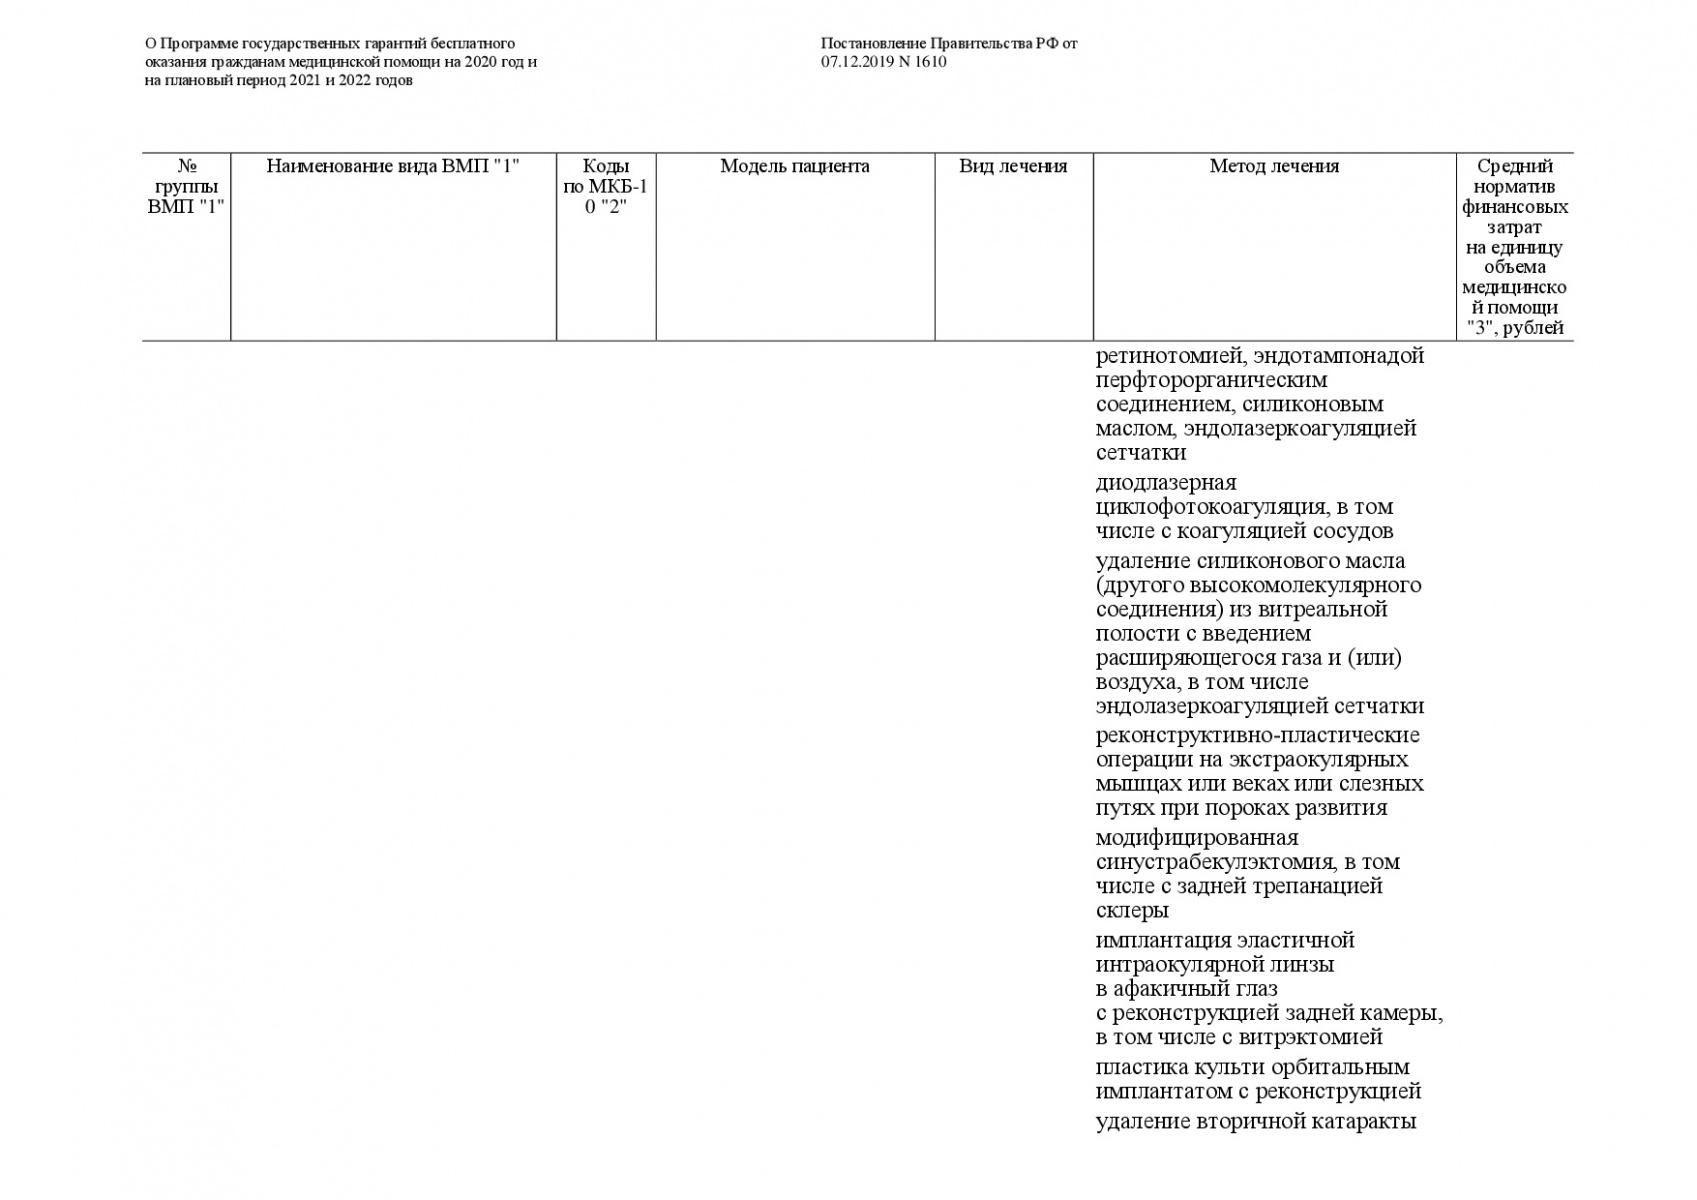 Postanovlenie-Pravitelstva-RF-ot-07_12_2019-1610-O-PGG-238